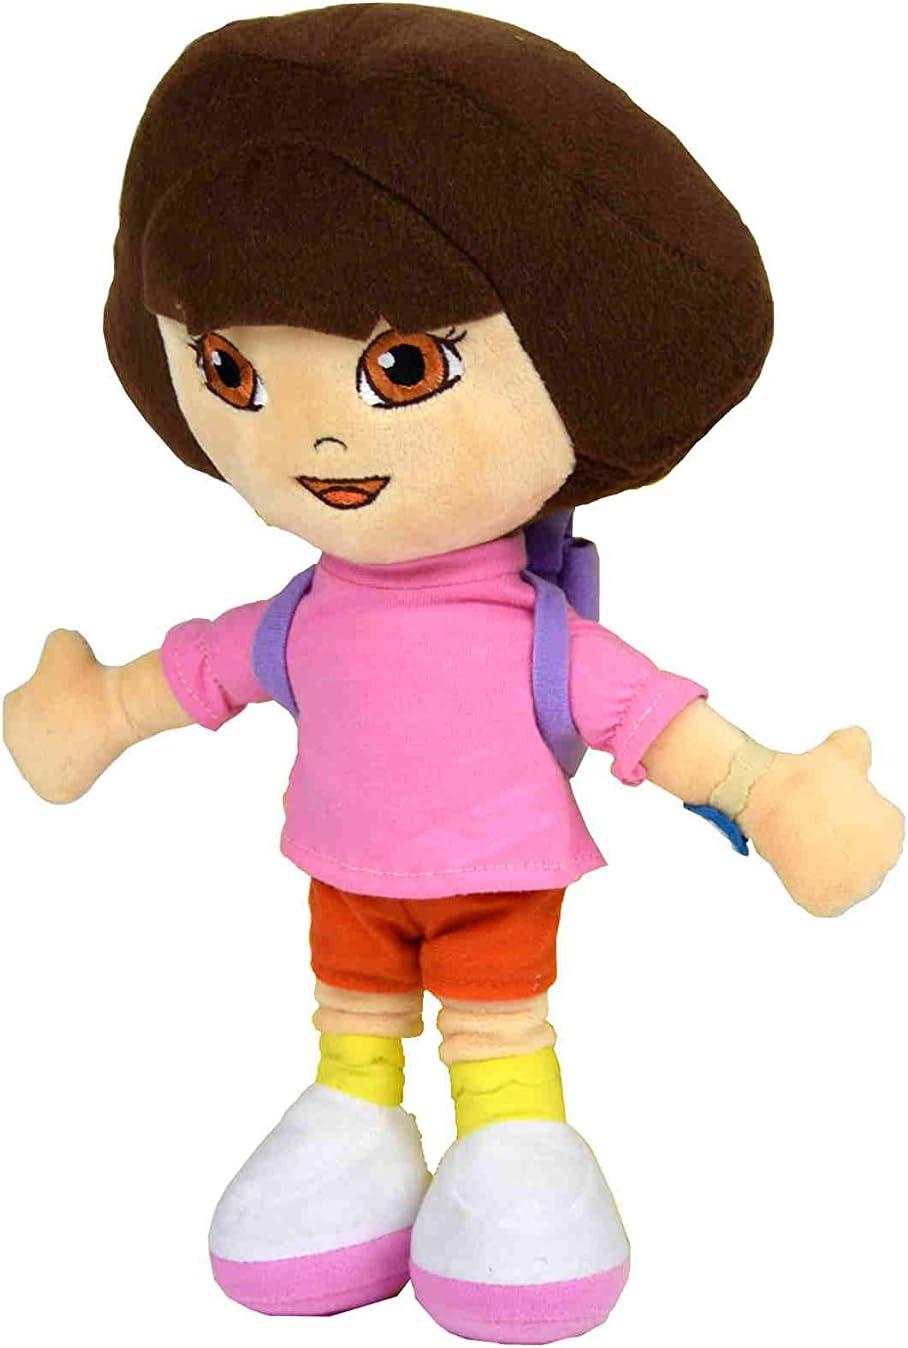 Nickelodeon 760015325 – Dora La Exploradora, 30 cm: Amazon.es ...